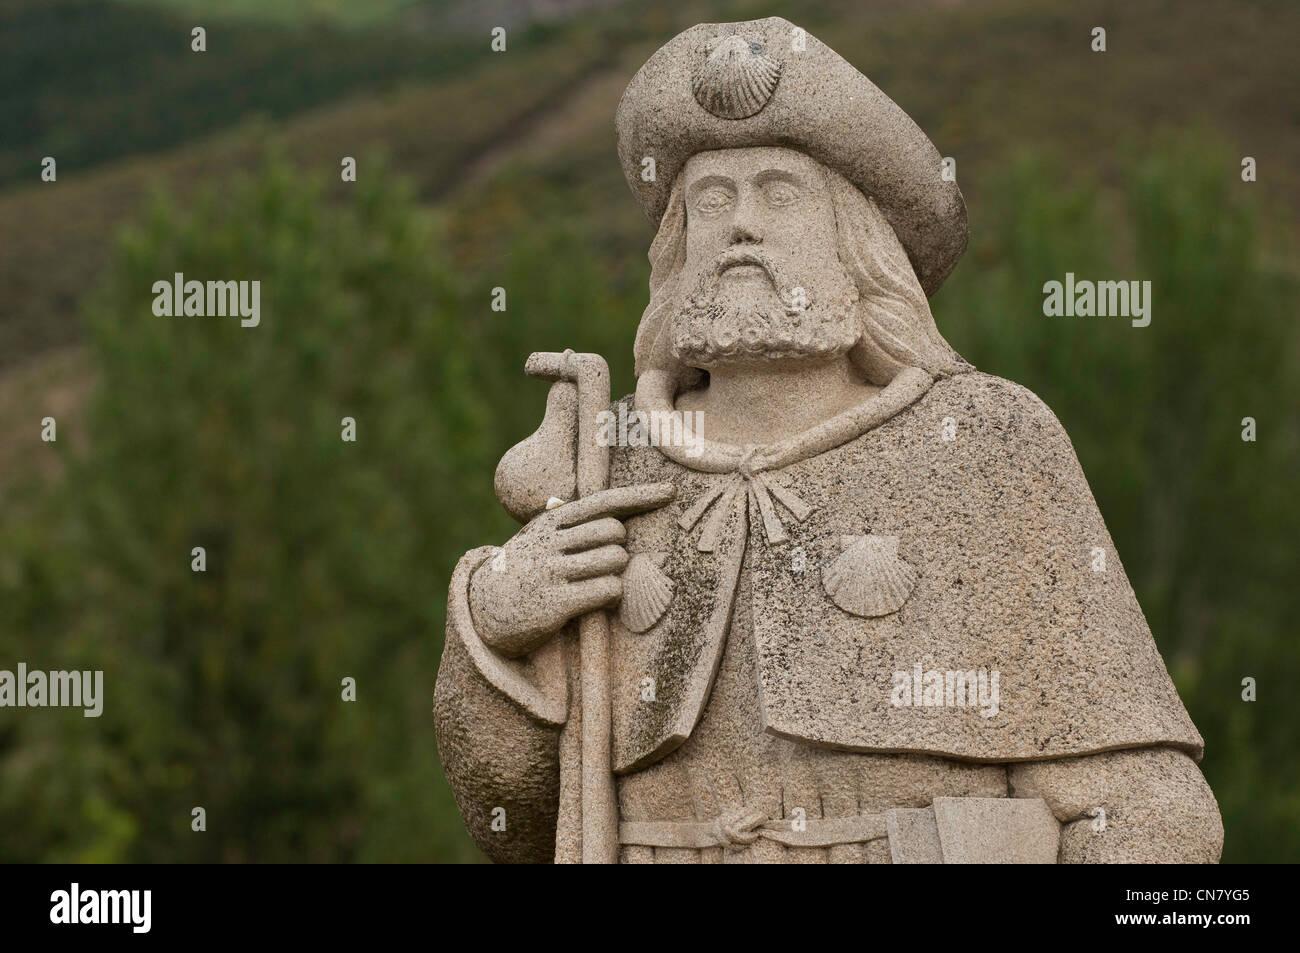 Spain, Castile and Leon, Ponferrada, statue of a Santiago pilgrim - Stock Image